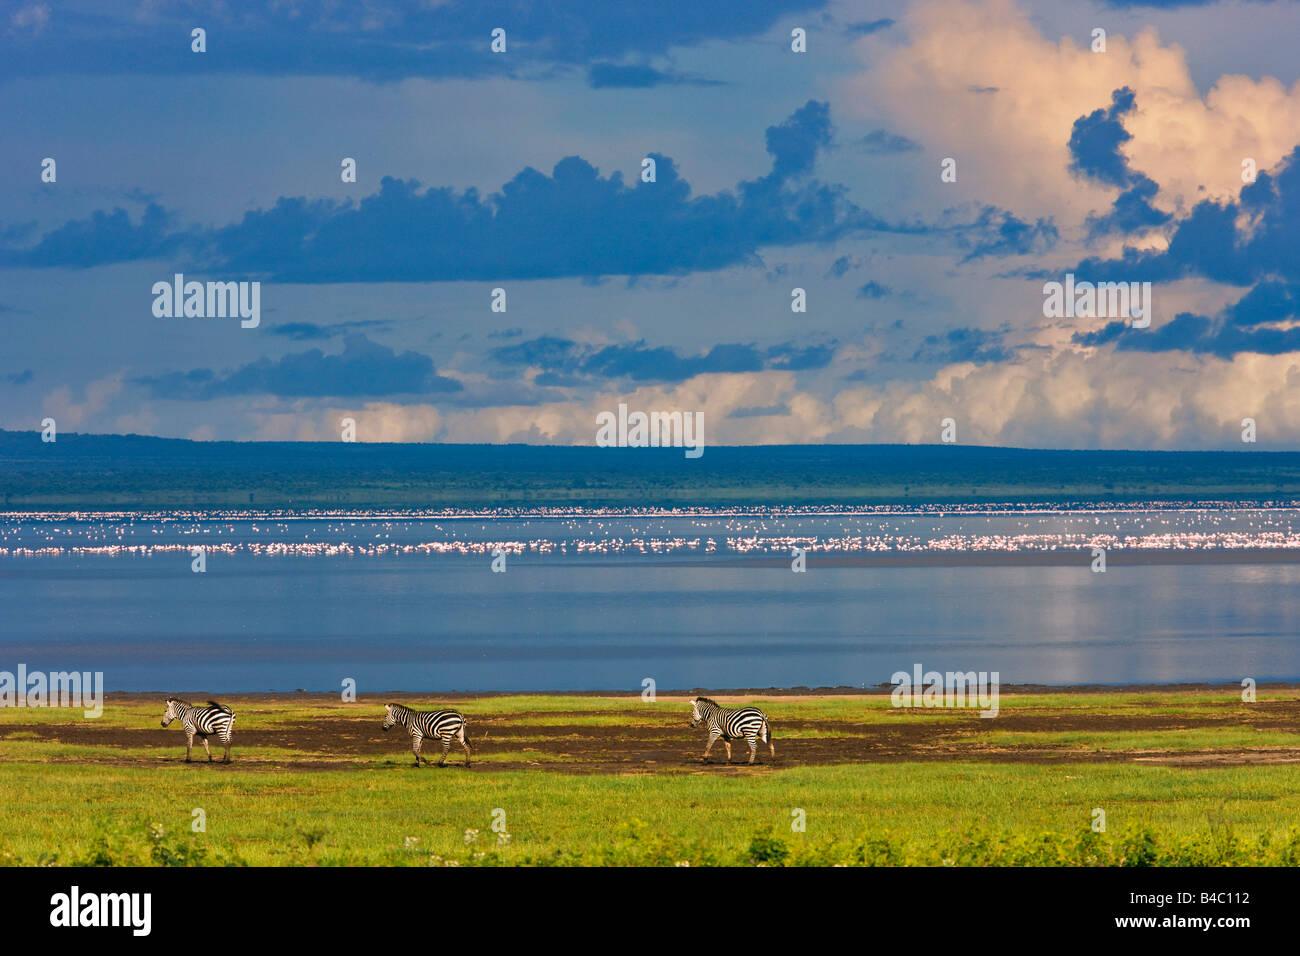 Zebras, Lake Manyara, Tanzania, Africa - Stock Image